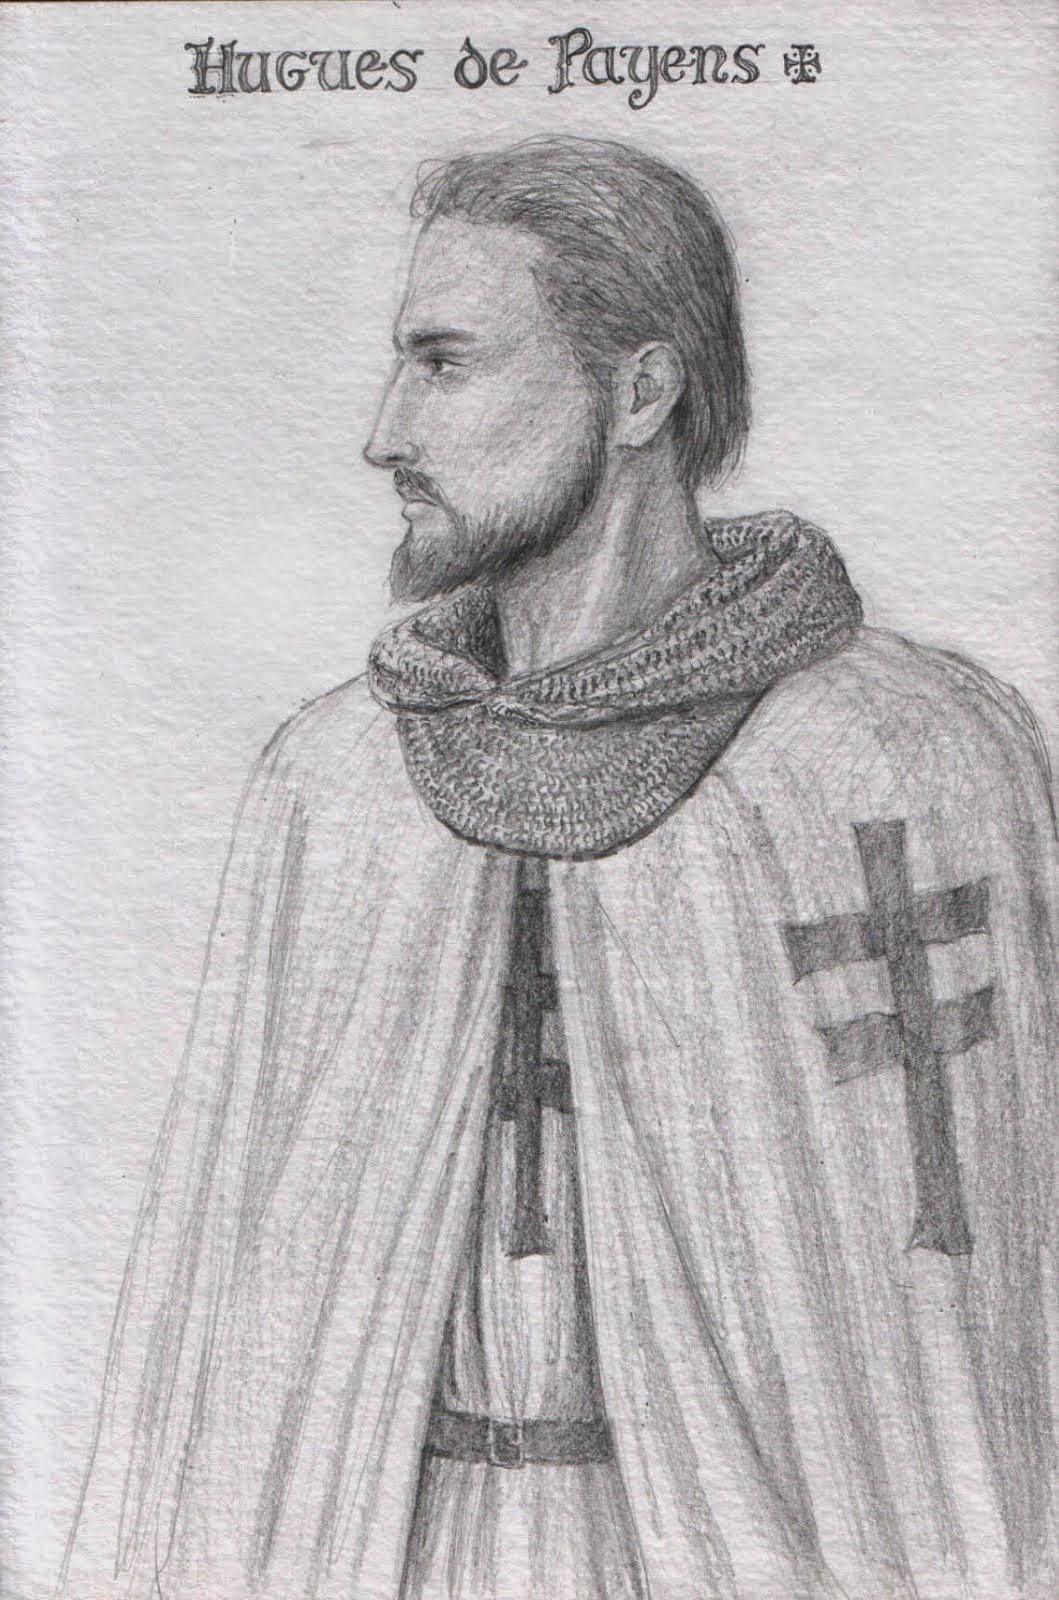 Hugo de Payens 1118 - 1136. Lider del grupo que fundó la Orden y primer Gran Maestre de la misma.